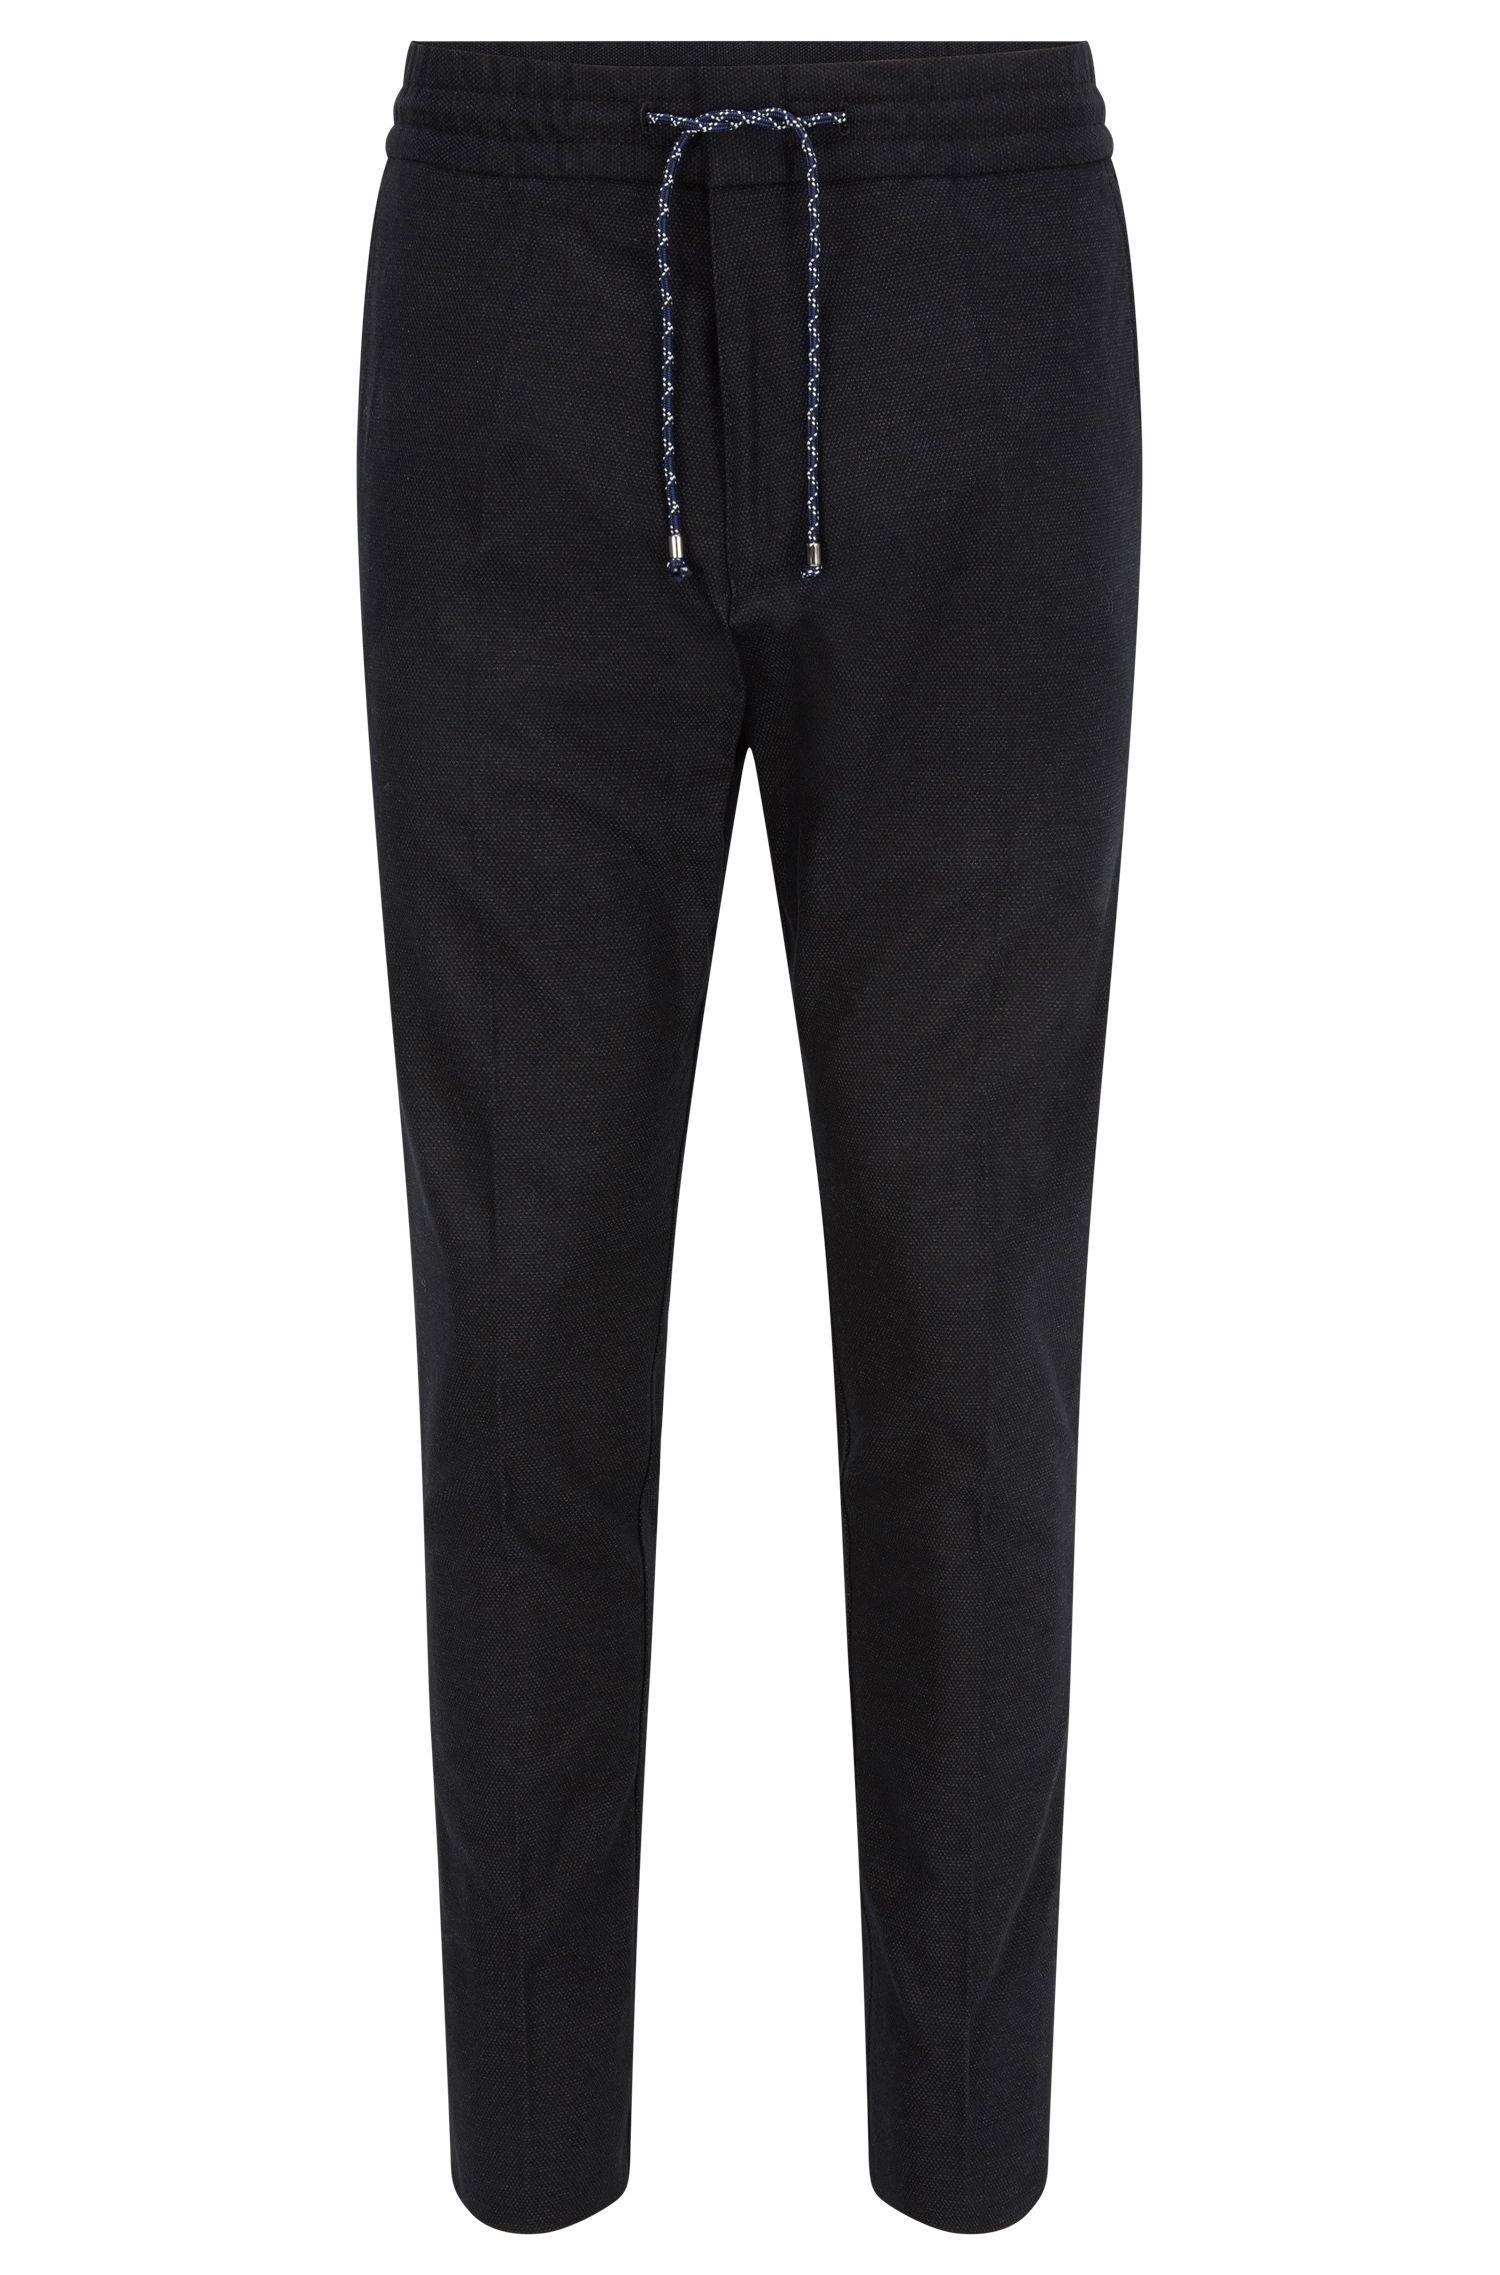 Pantalon Tapered Fit en coton mélangé avec cordon de serrage à la taille.